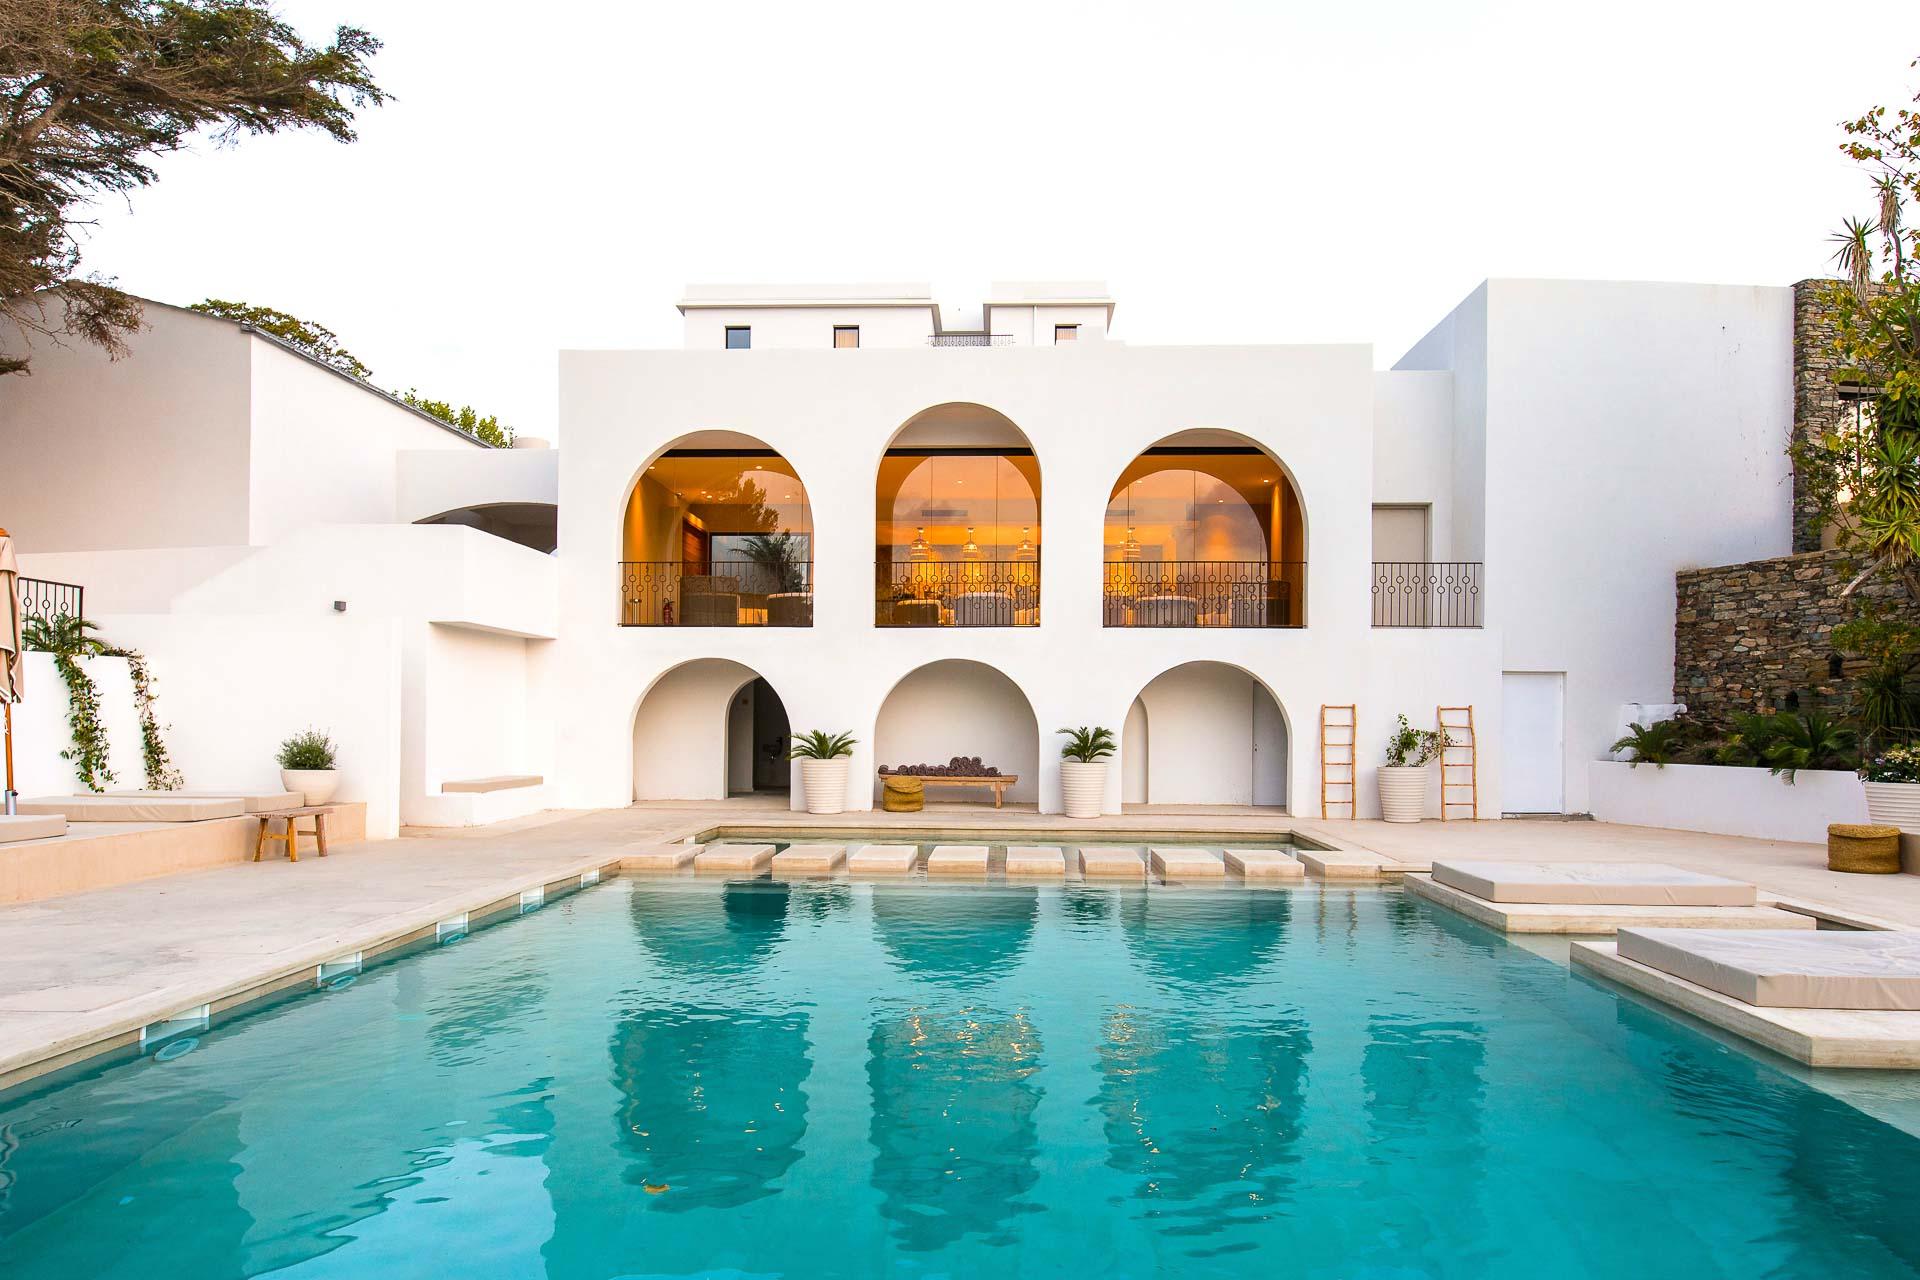 Ouvert discrètement sur les splendides rives du Cap Corse, le boutique-hôtel 5-étoiles Misincu fête cet été son premier anniversaire. 28 hectares nichés au bord de la mer pour seulement 32 chambres et 5 villas, l'établissement joue la carte de l'exclusivité. Visite en images.